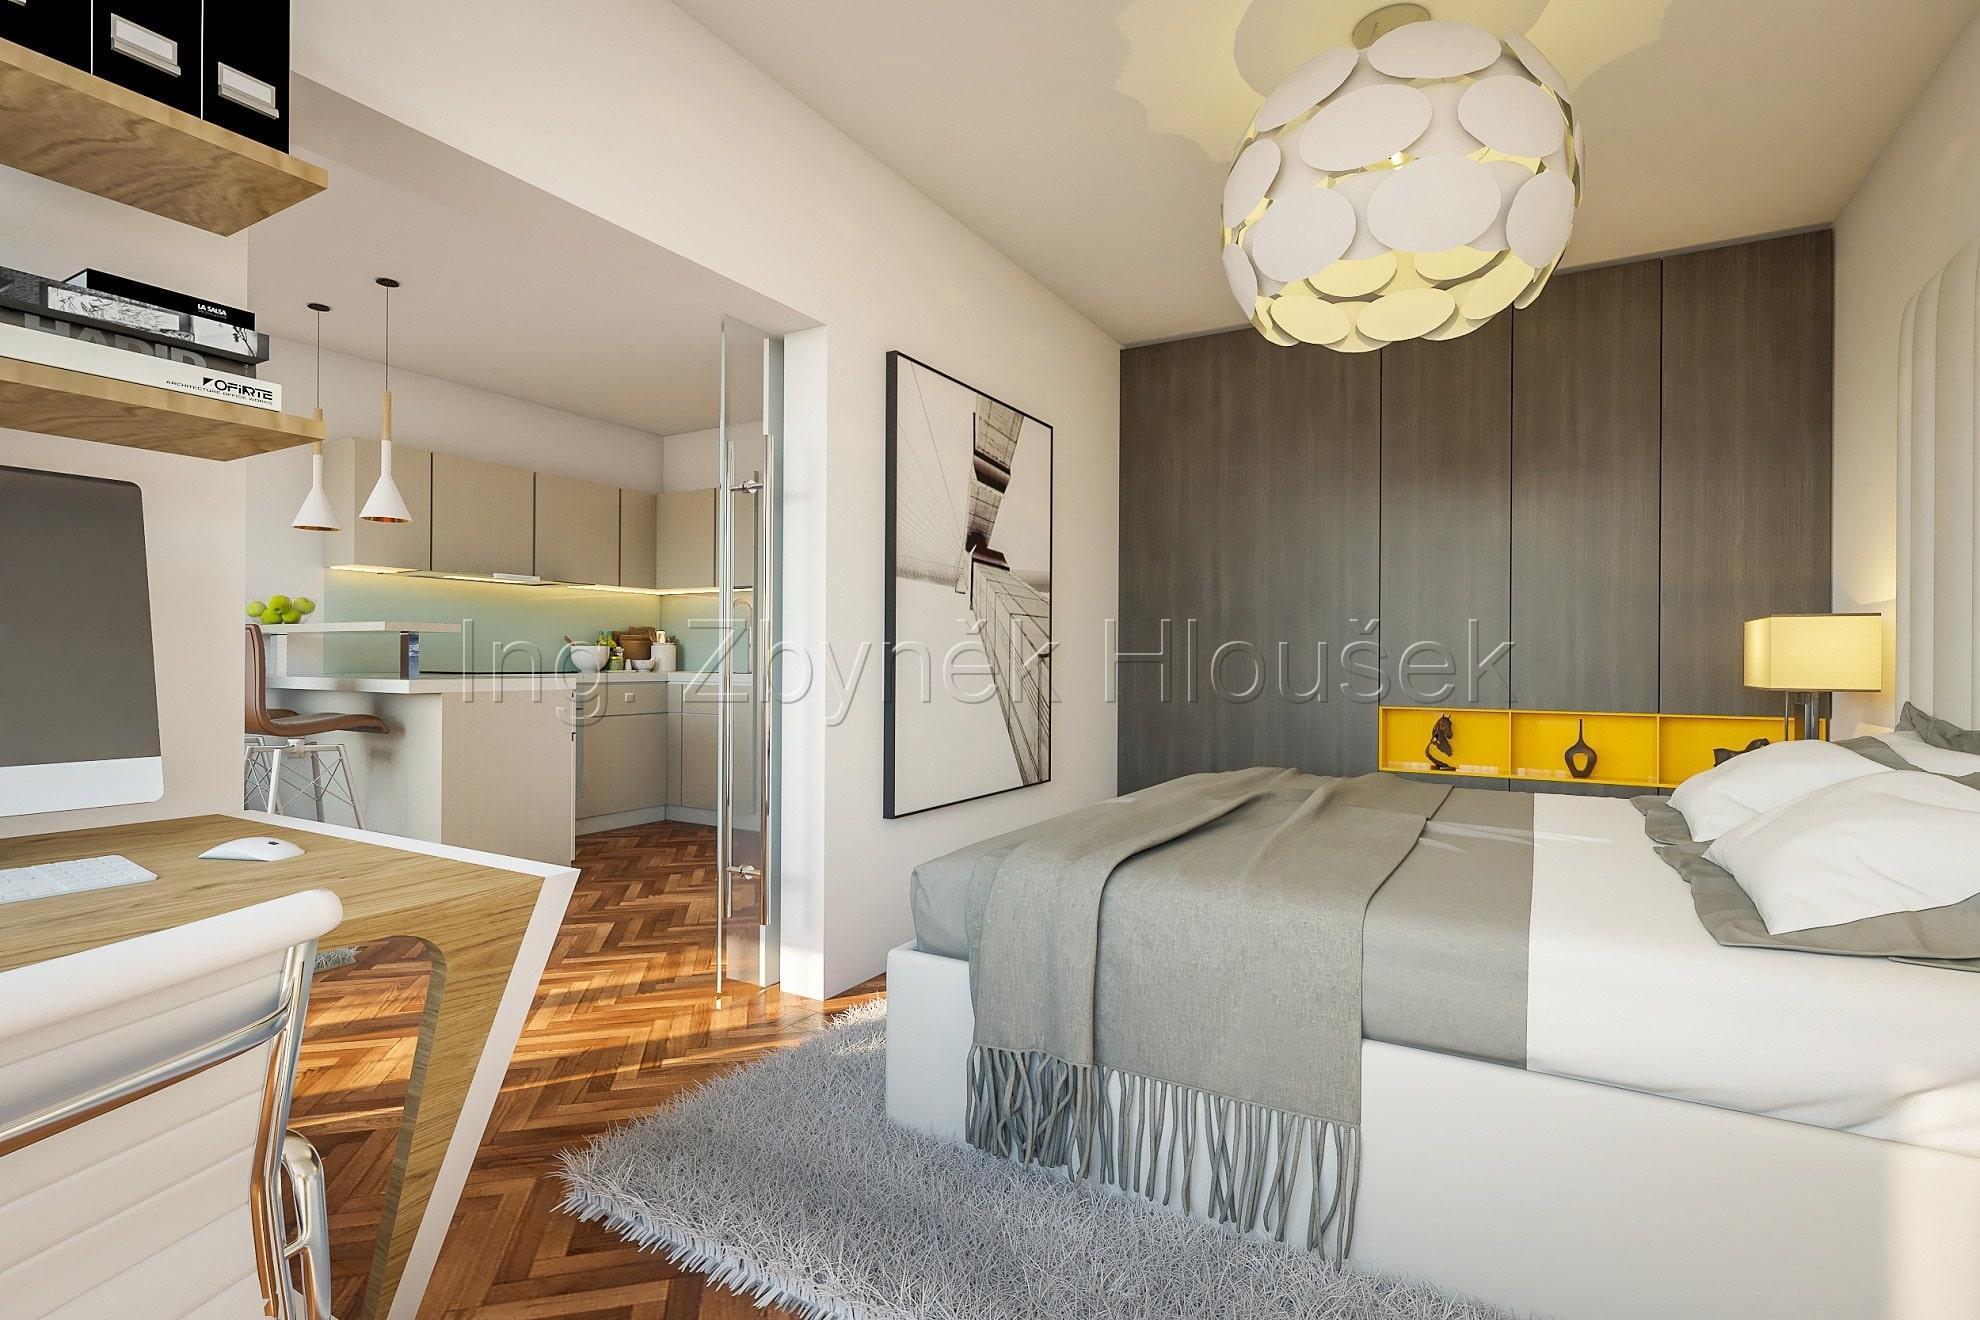 Prodej bytu - Ujezd u Pruhonic - Ing. Zbyněk Hloušek vizualizace